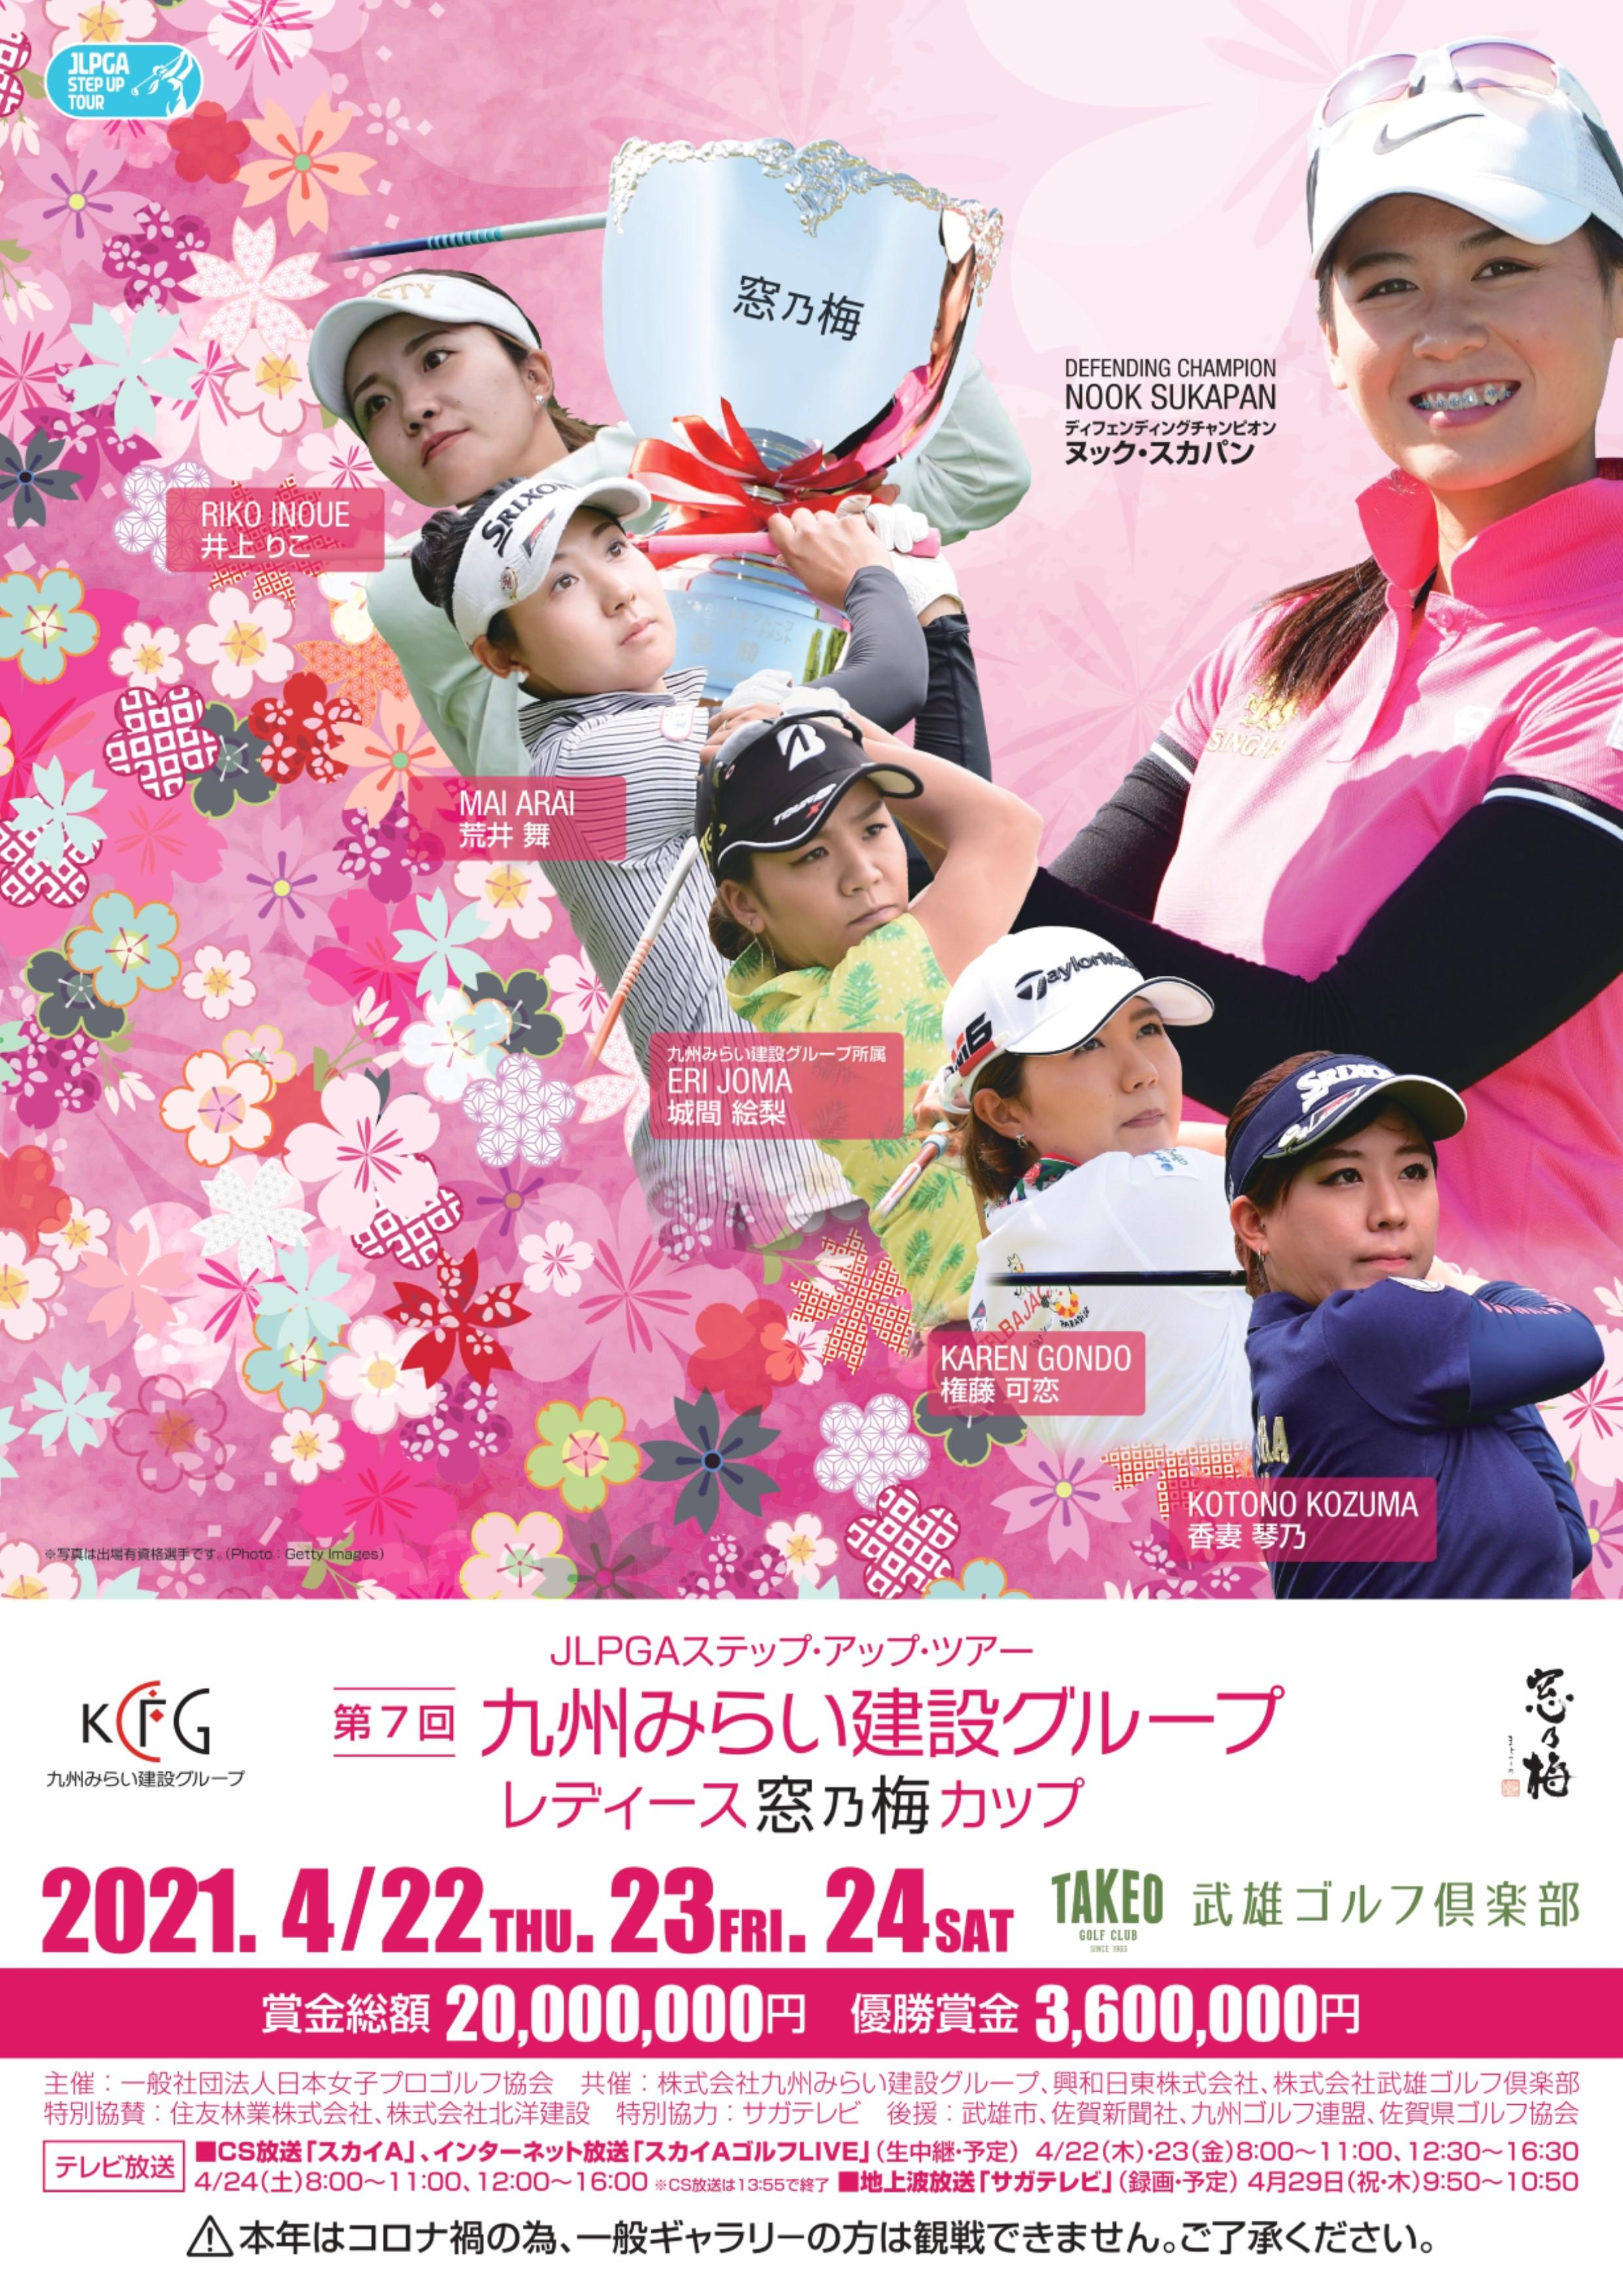 KCFG Ladies Golf Tournament Madonoume Cup